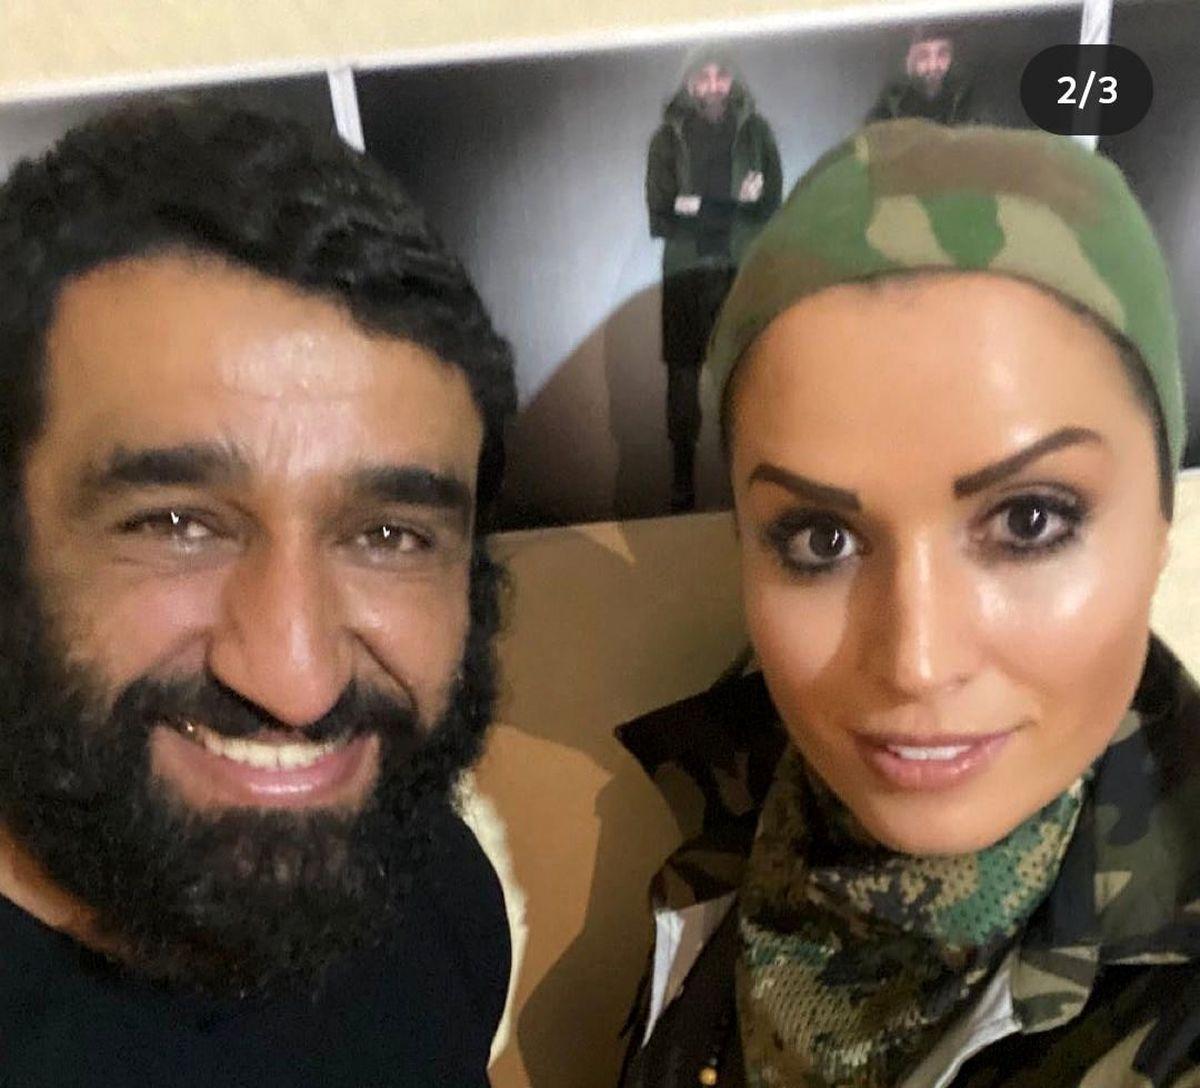 پژمان جمشیدی ازدواج کرد/رونمایی از همسر خارجی پژمان جمشیدی +عکس